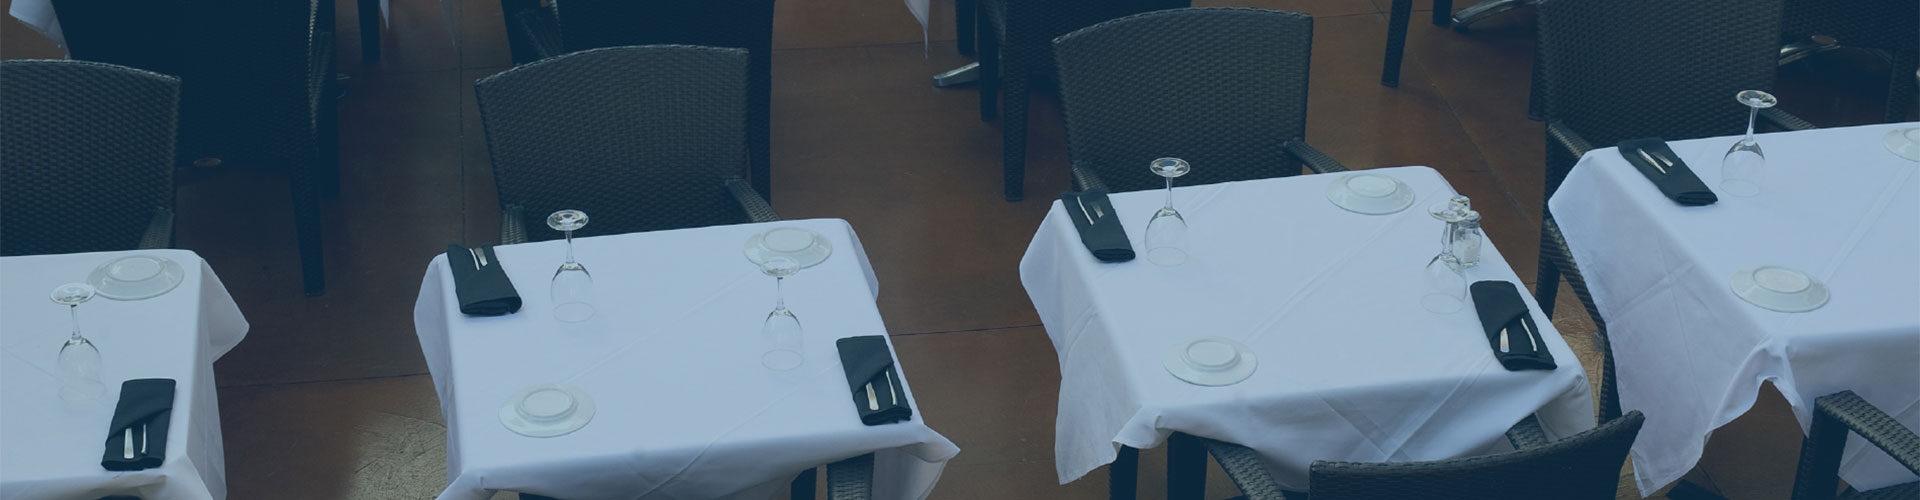 winnipeg-bar-and-restaurant-cleaning-winnipeg